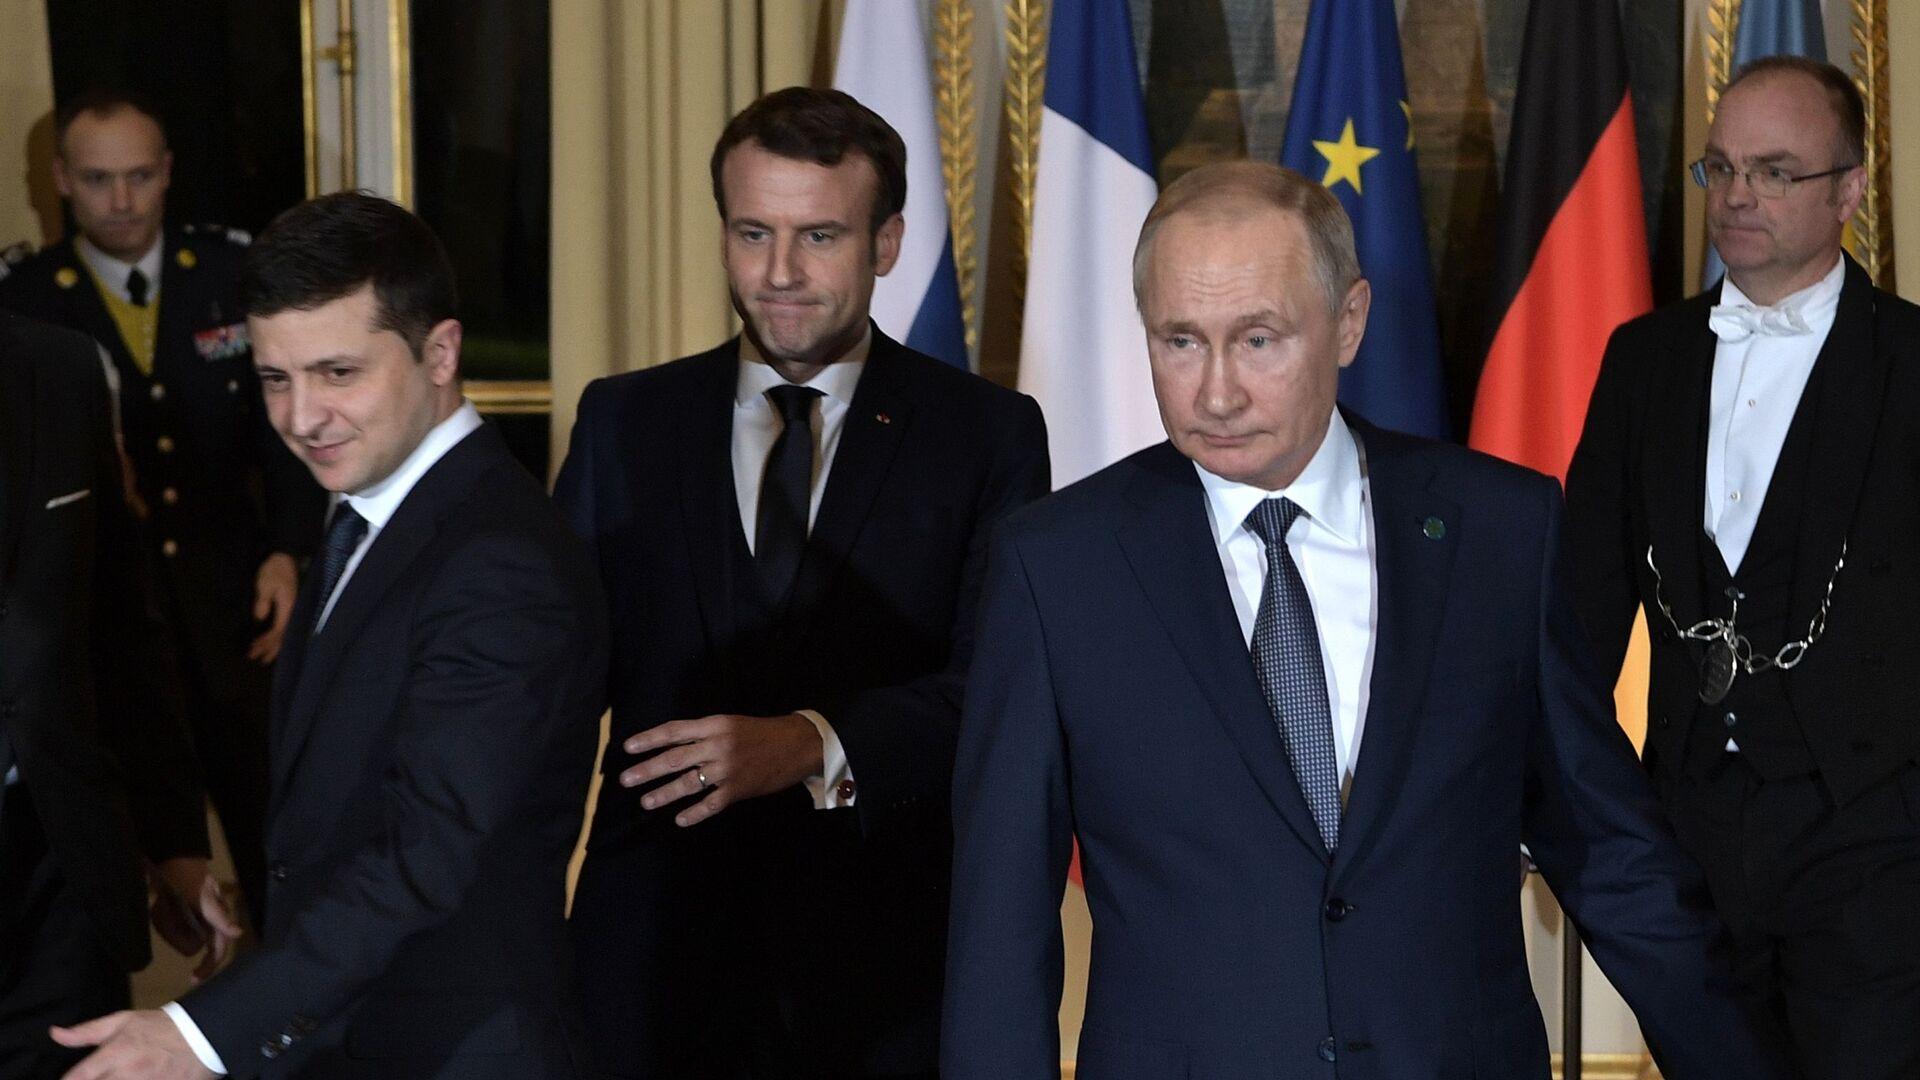 """Szczyt """"normandzkiej czwórki"""" w Paryżu. Wołodymyr Zełenski, Emmanuel Macron i Władimir Putin. - Sputnik Polska, 1920, 11.10.2021"""